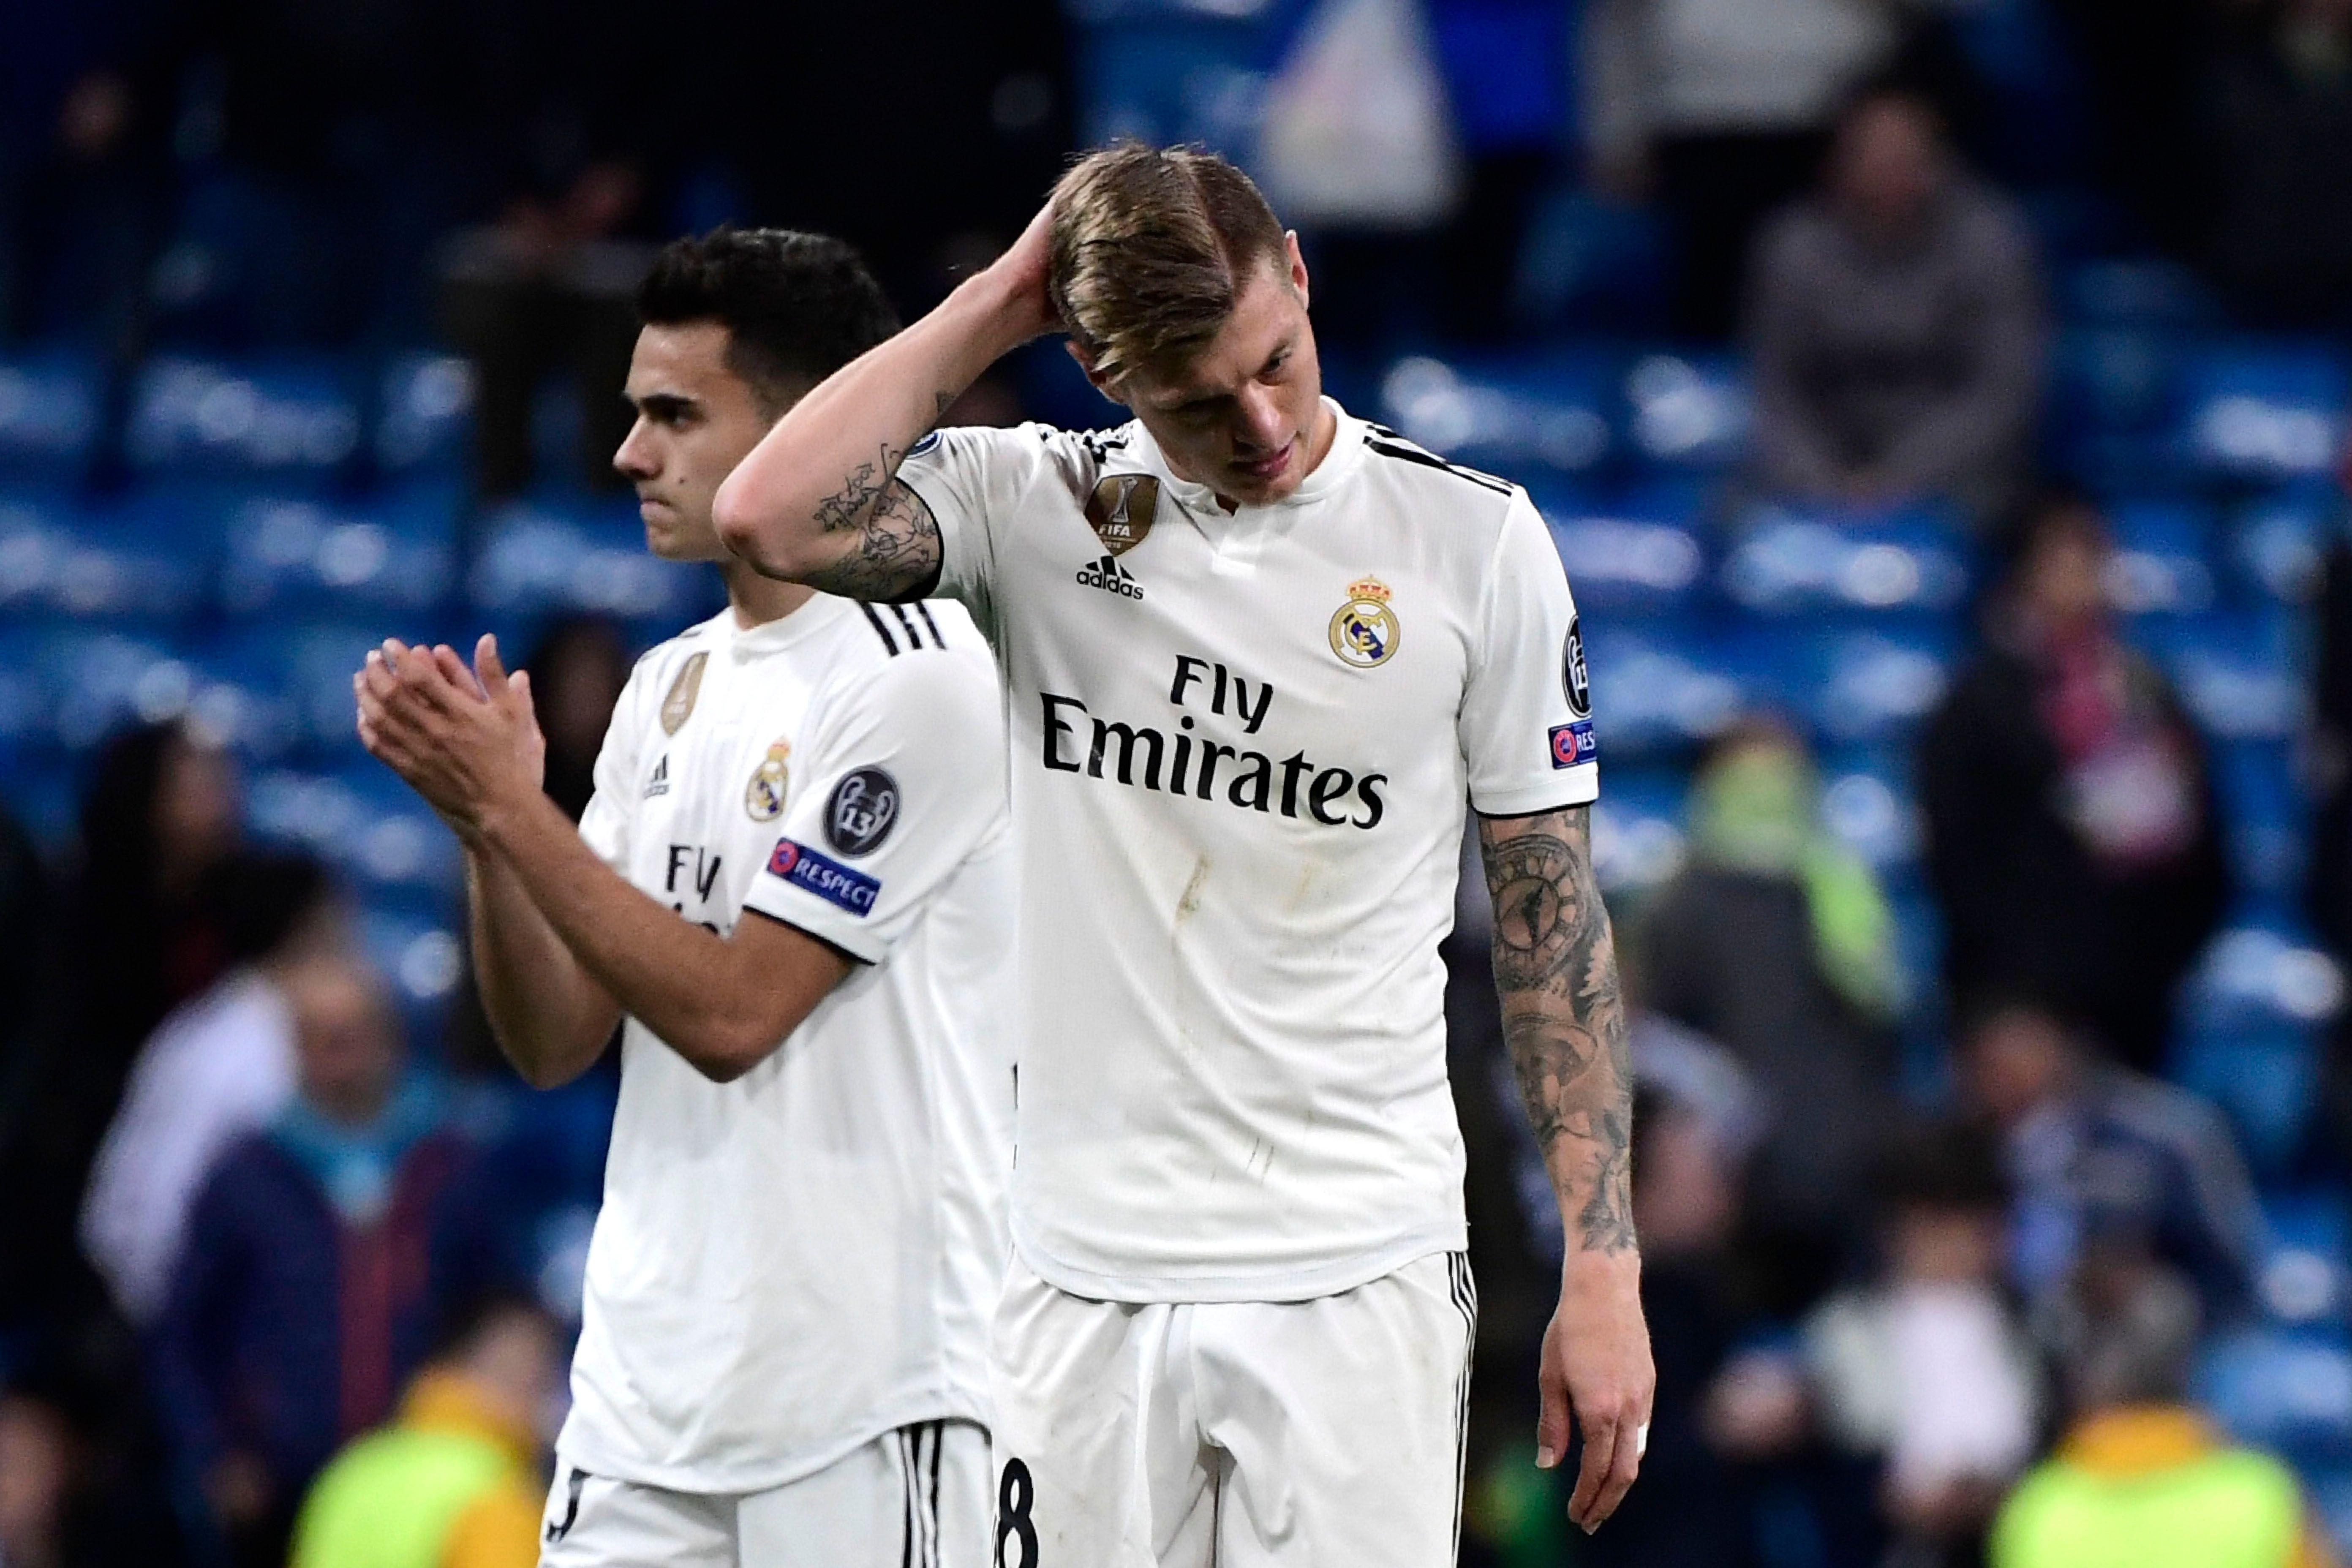 In Spanien schwer in der Kritik: der deutsche Weltmeister Toni Kroos von Real Madrid.